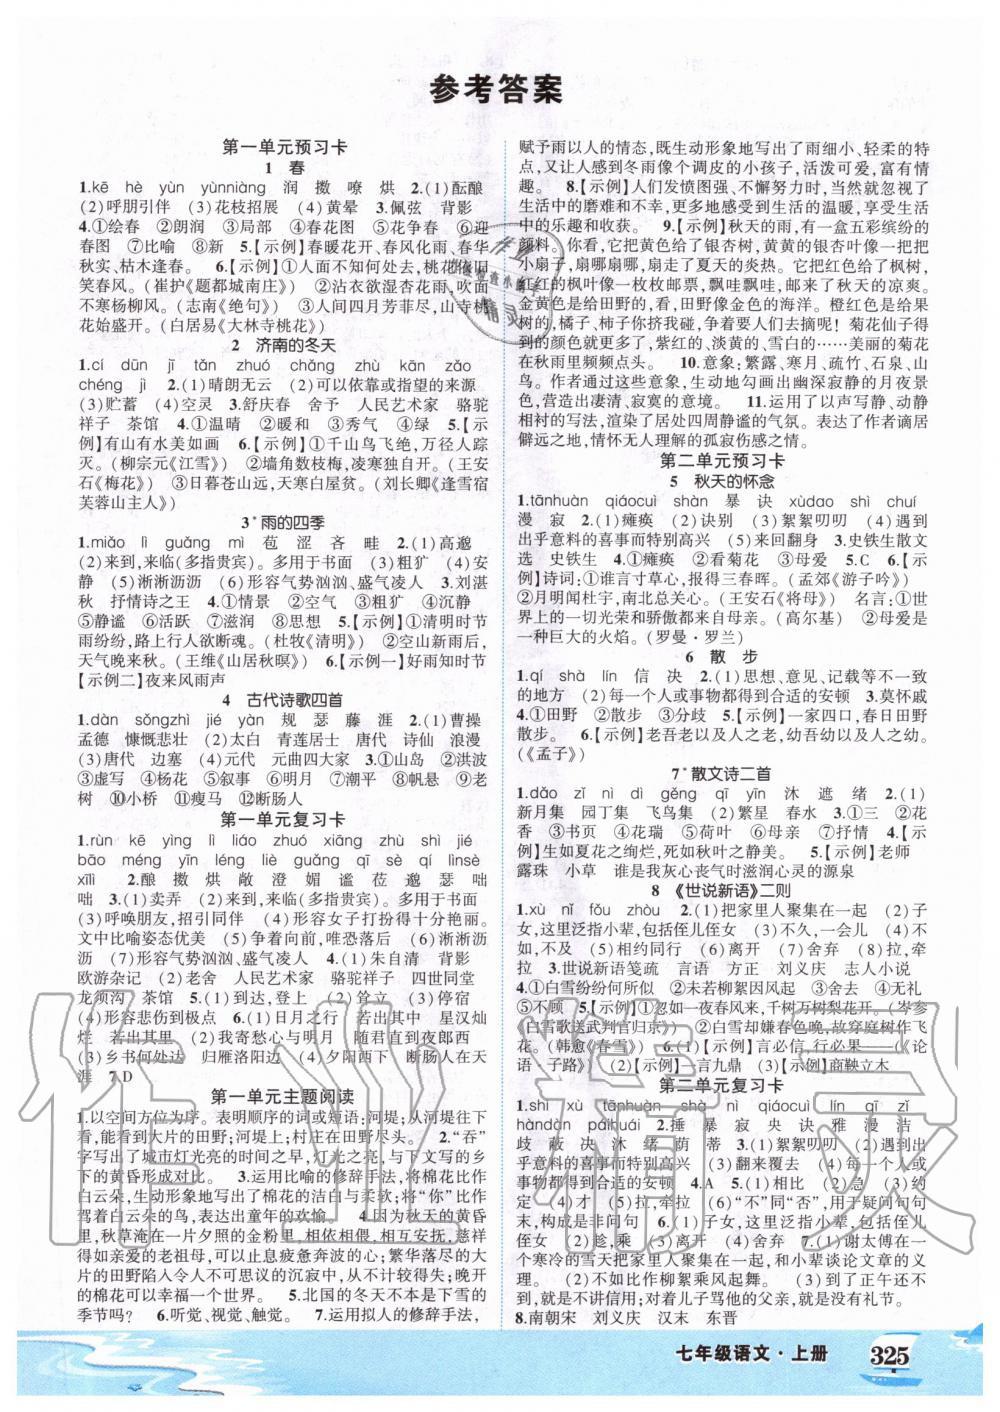 2020年状元成才路状元大课堂七年级语文上册人教版第1页